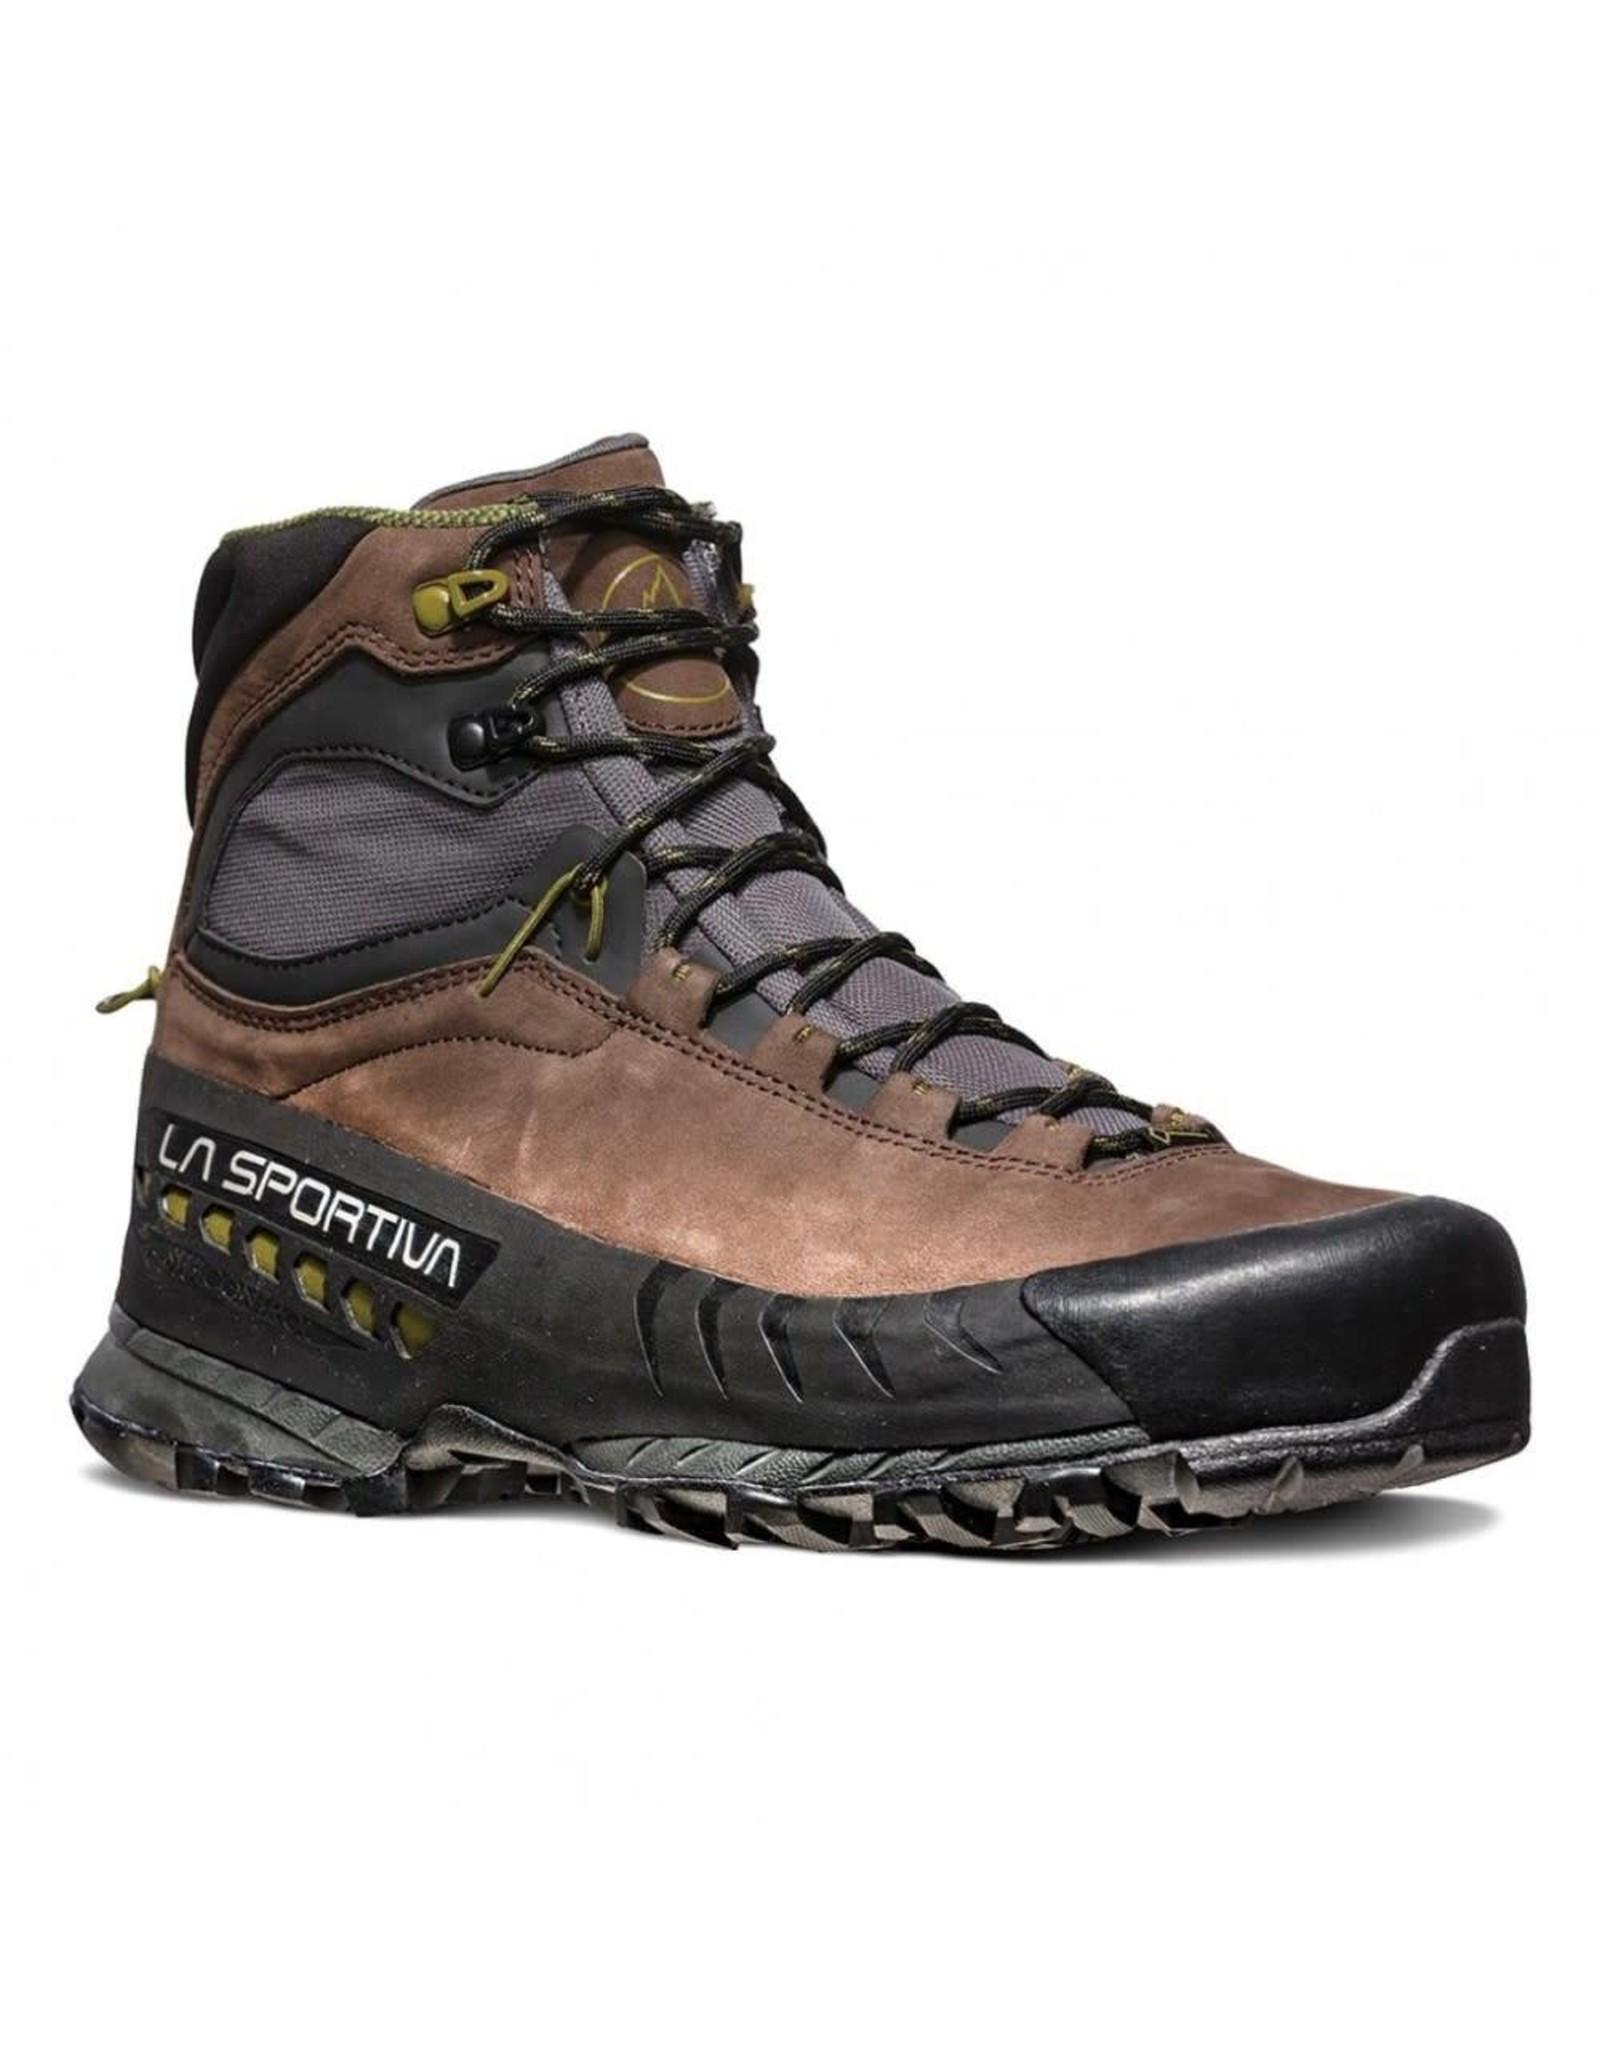 gtx boots men's